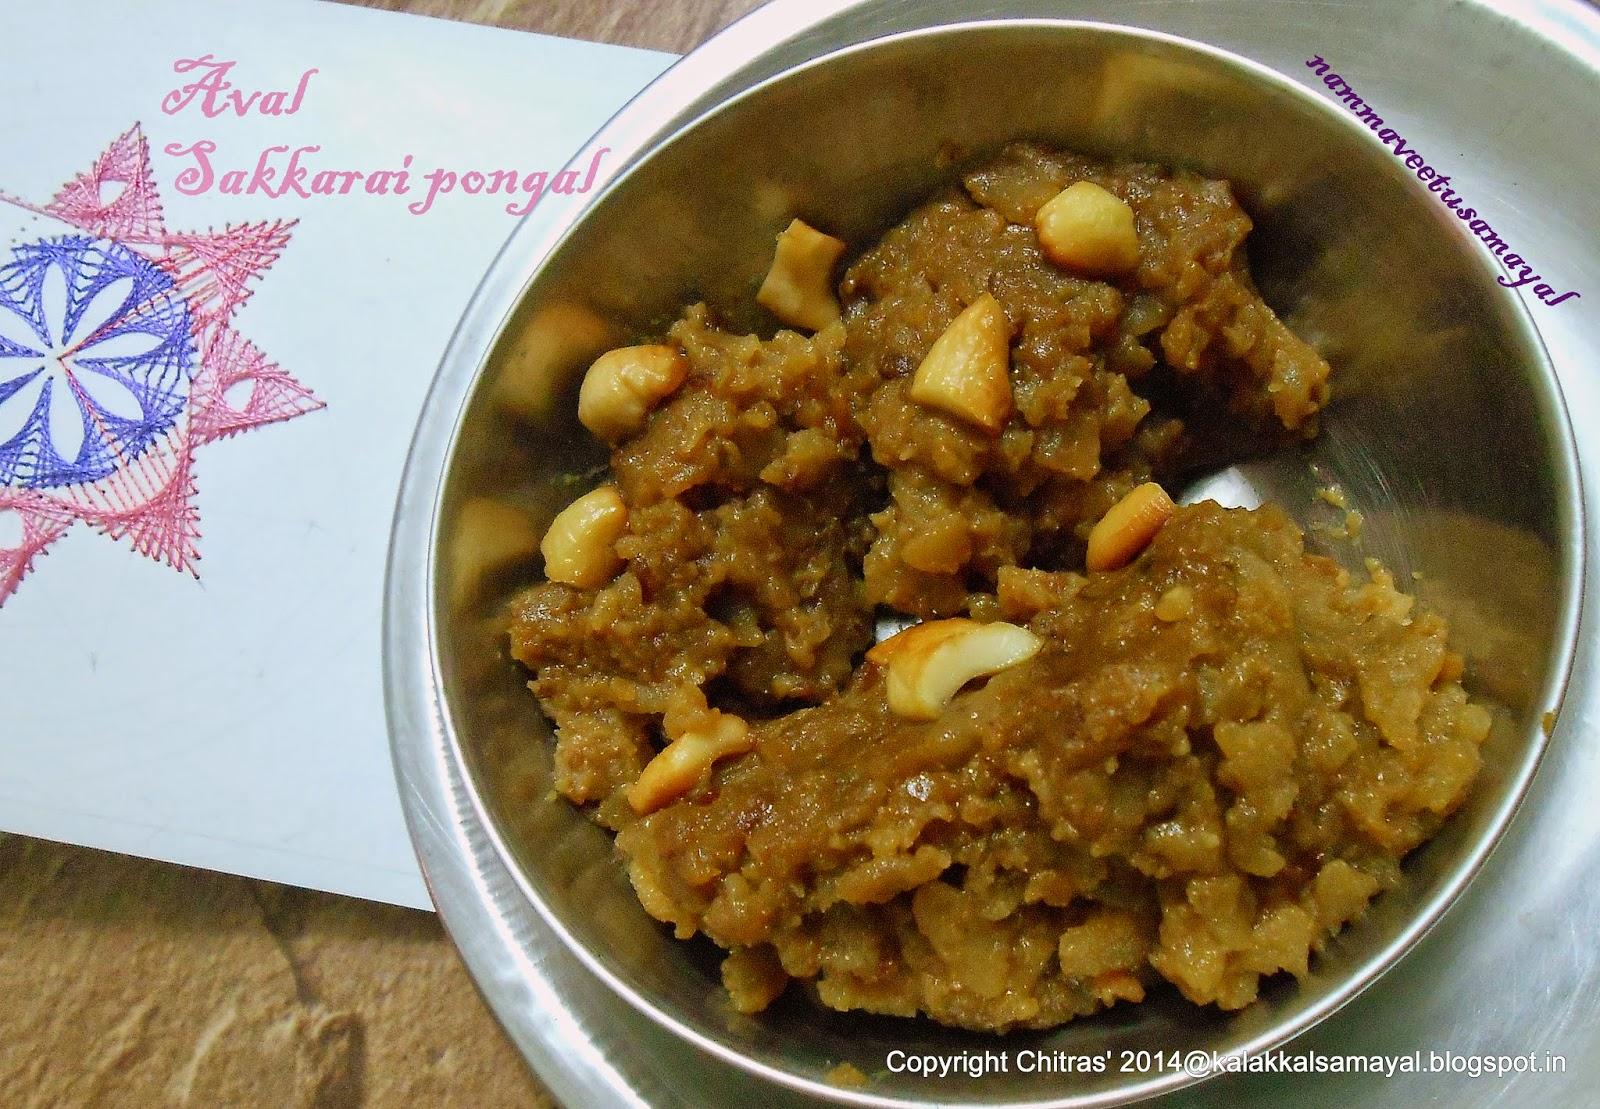 Rice flakes sweet pongal - aval sakkarai pongal